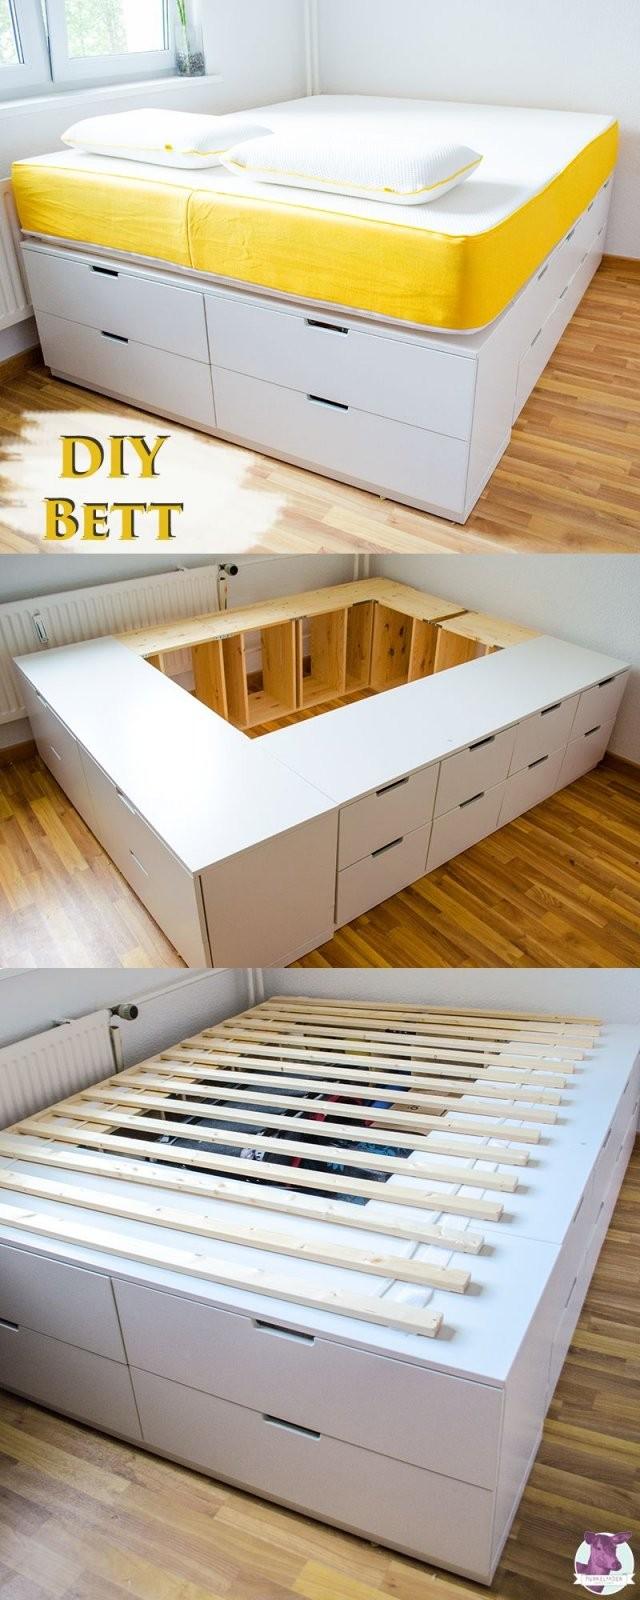 Diy Ikea Hack  Plattformbett Selber Bauen Aus Ikea Kommoden von Bett Mit Stufen Selber Bauen Bild